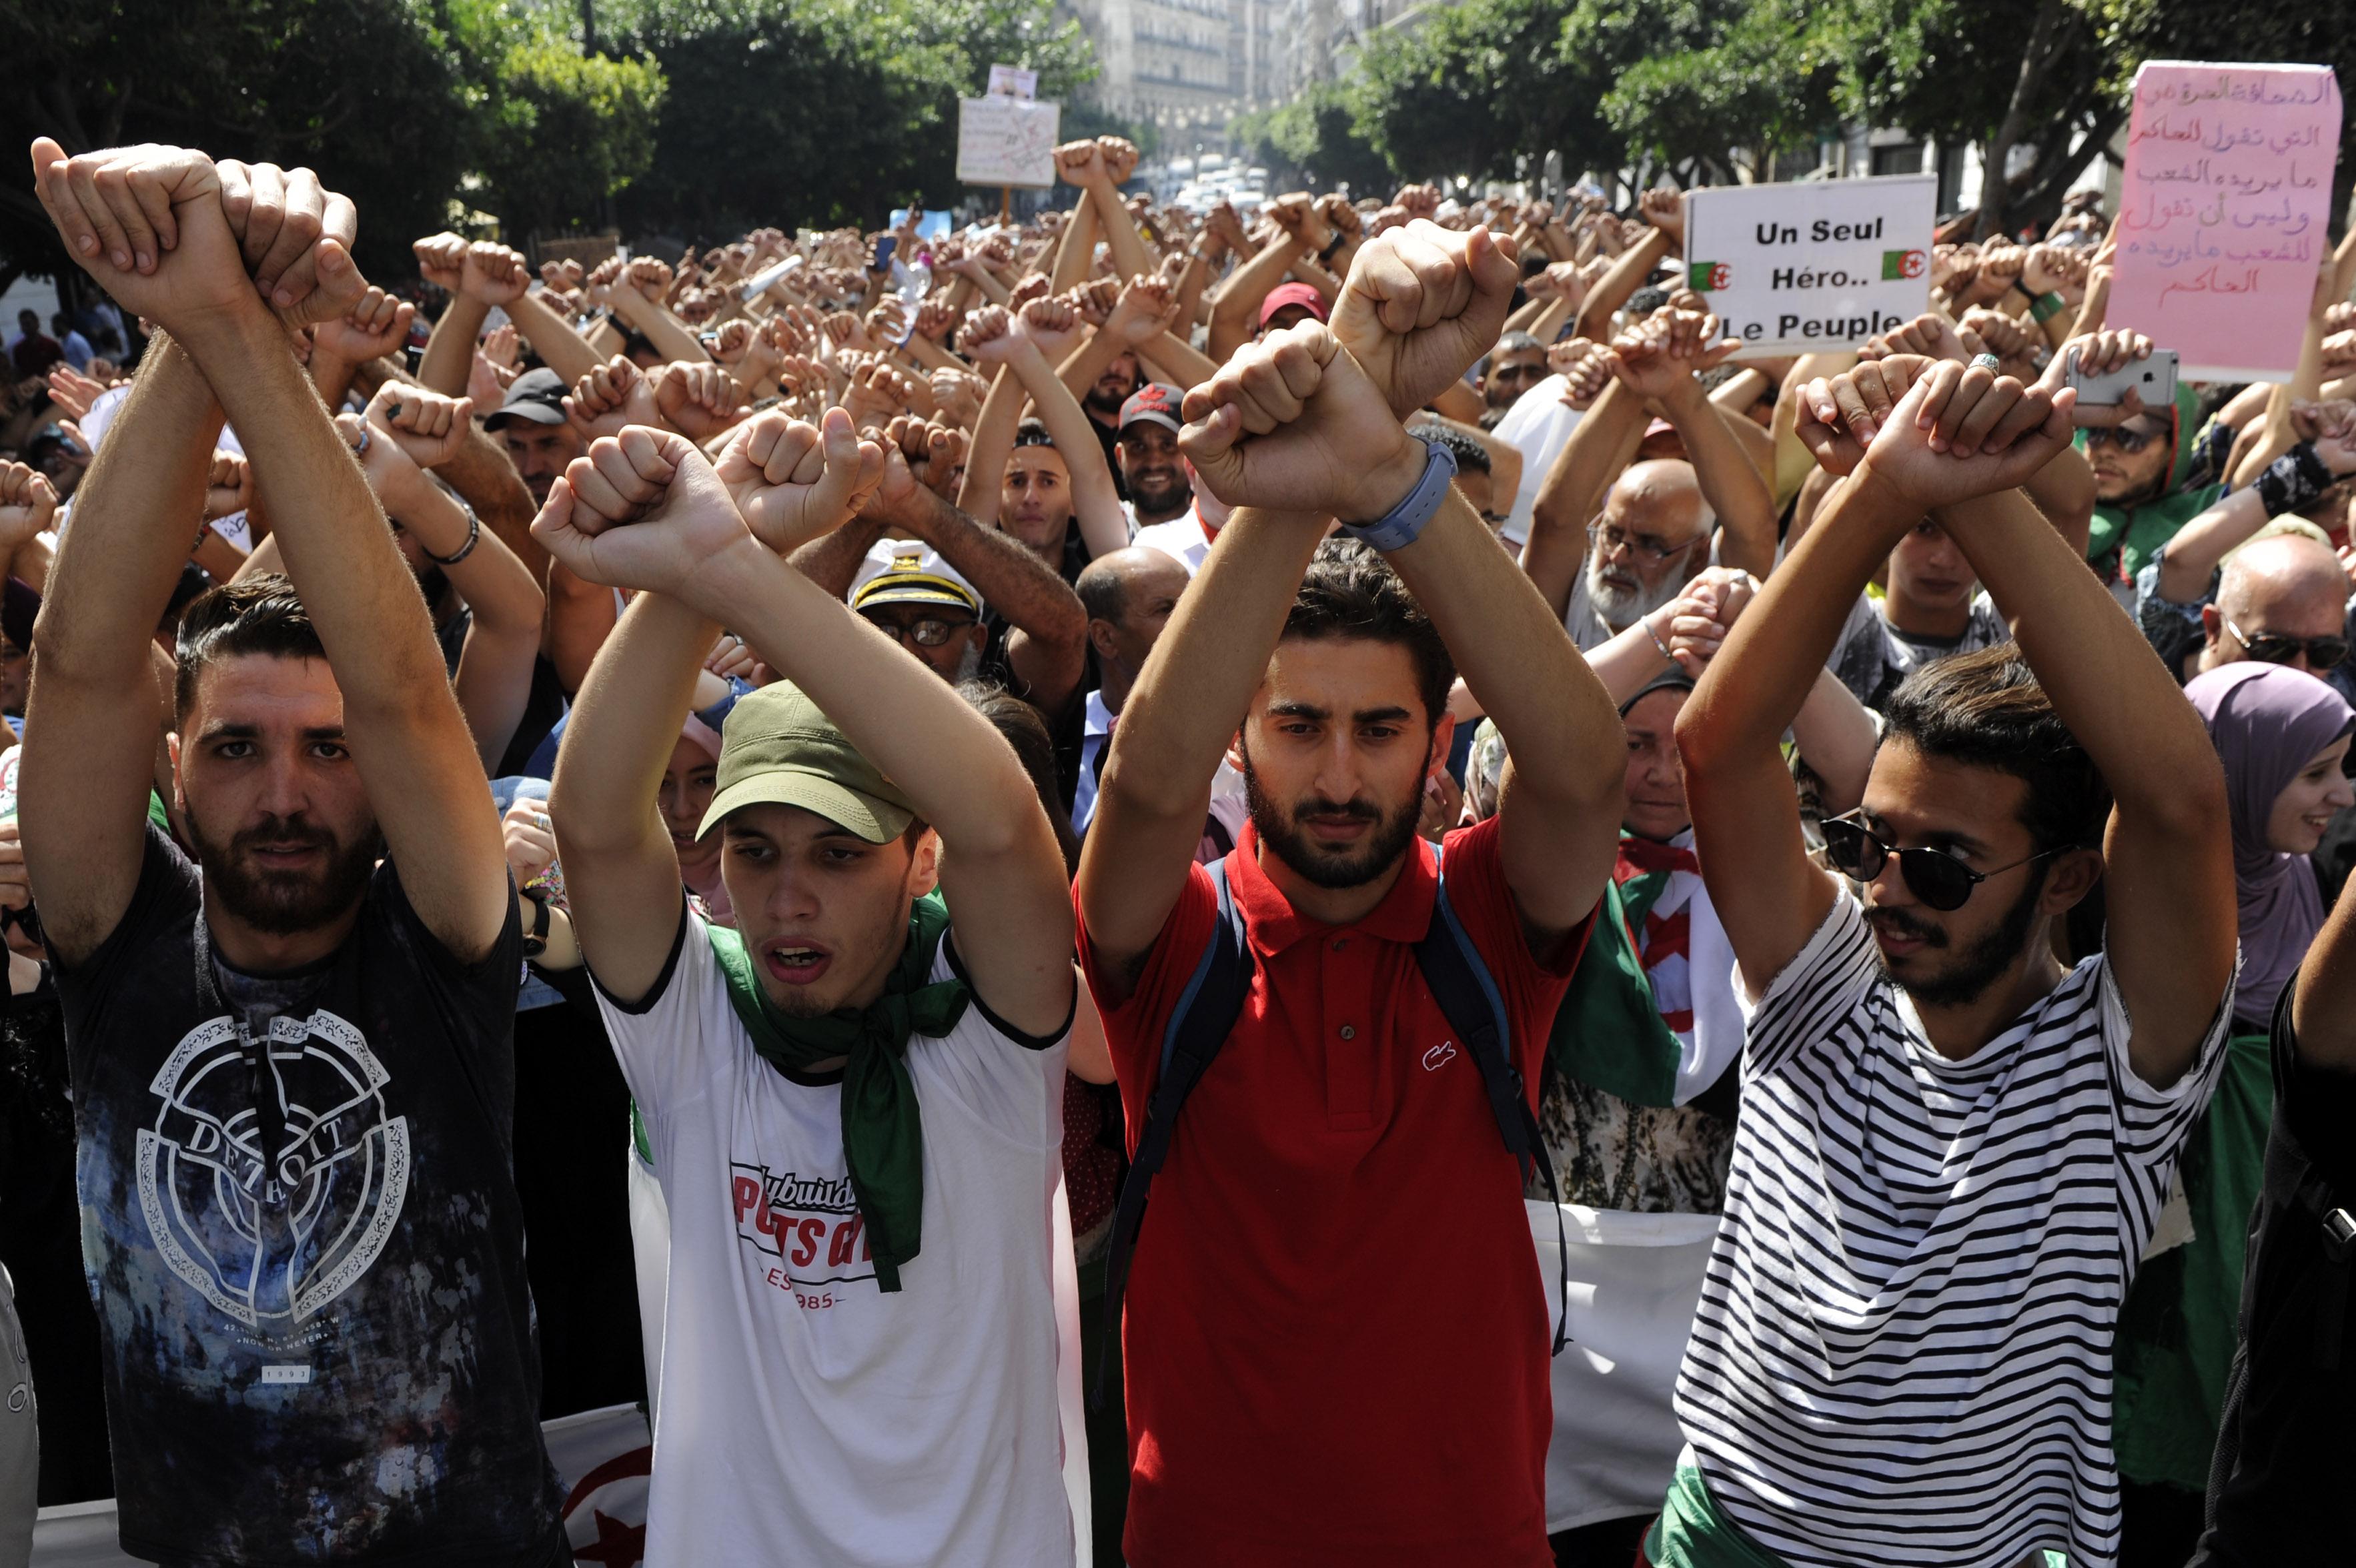 Après une série d'arrestations de manifestants, les étudiants dénoncent une tentative d'étouffement du mouvement.